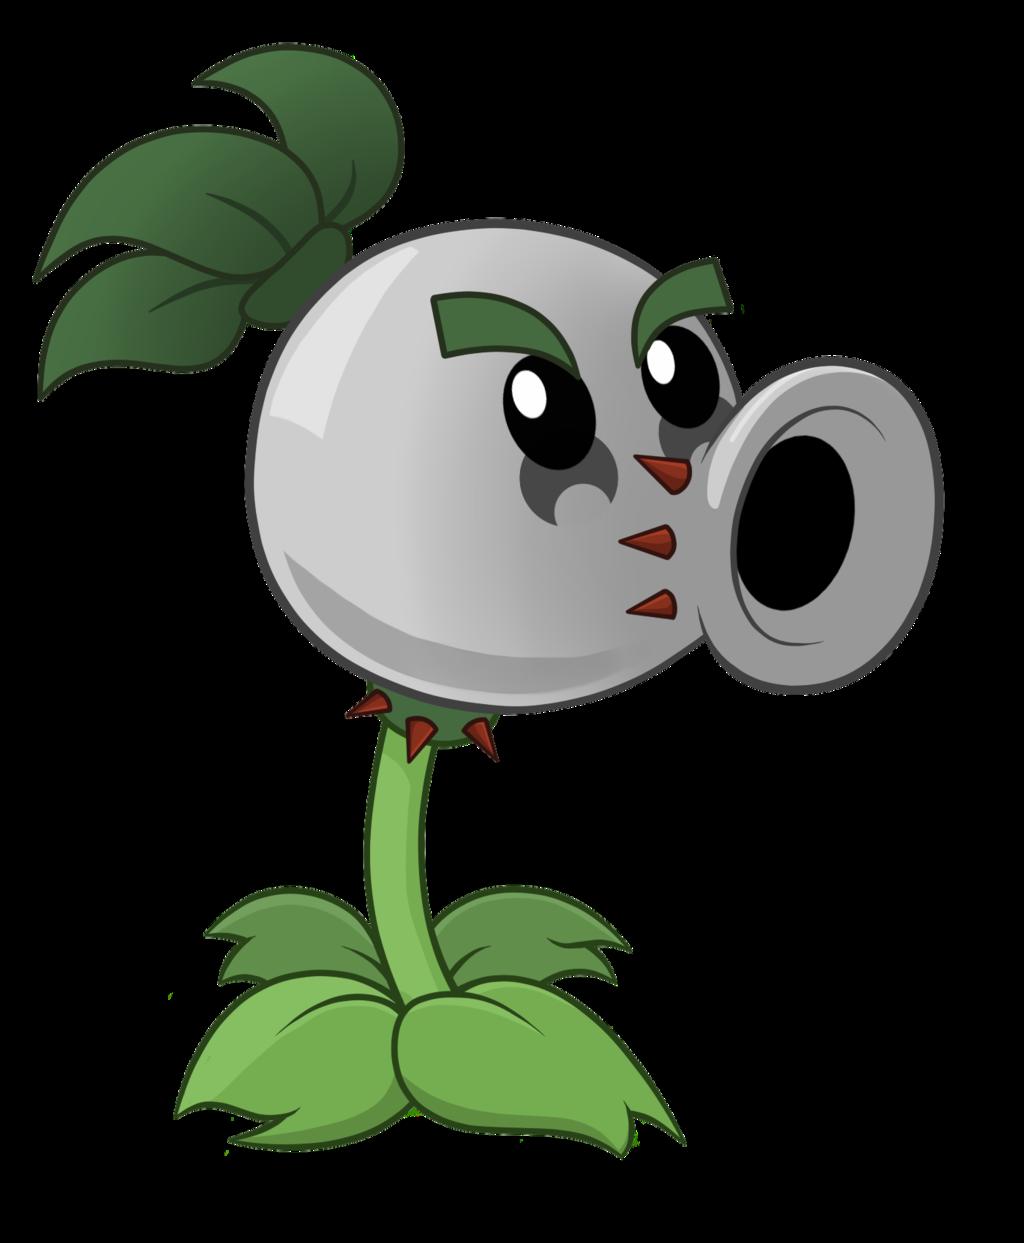 Растения против зомби рисунки фанатов